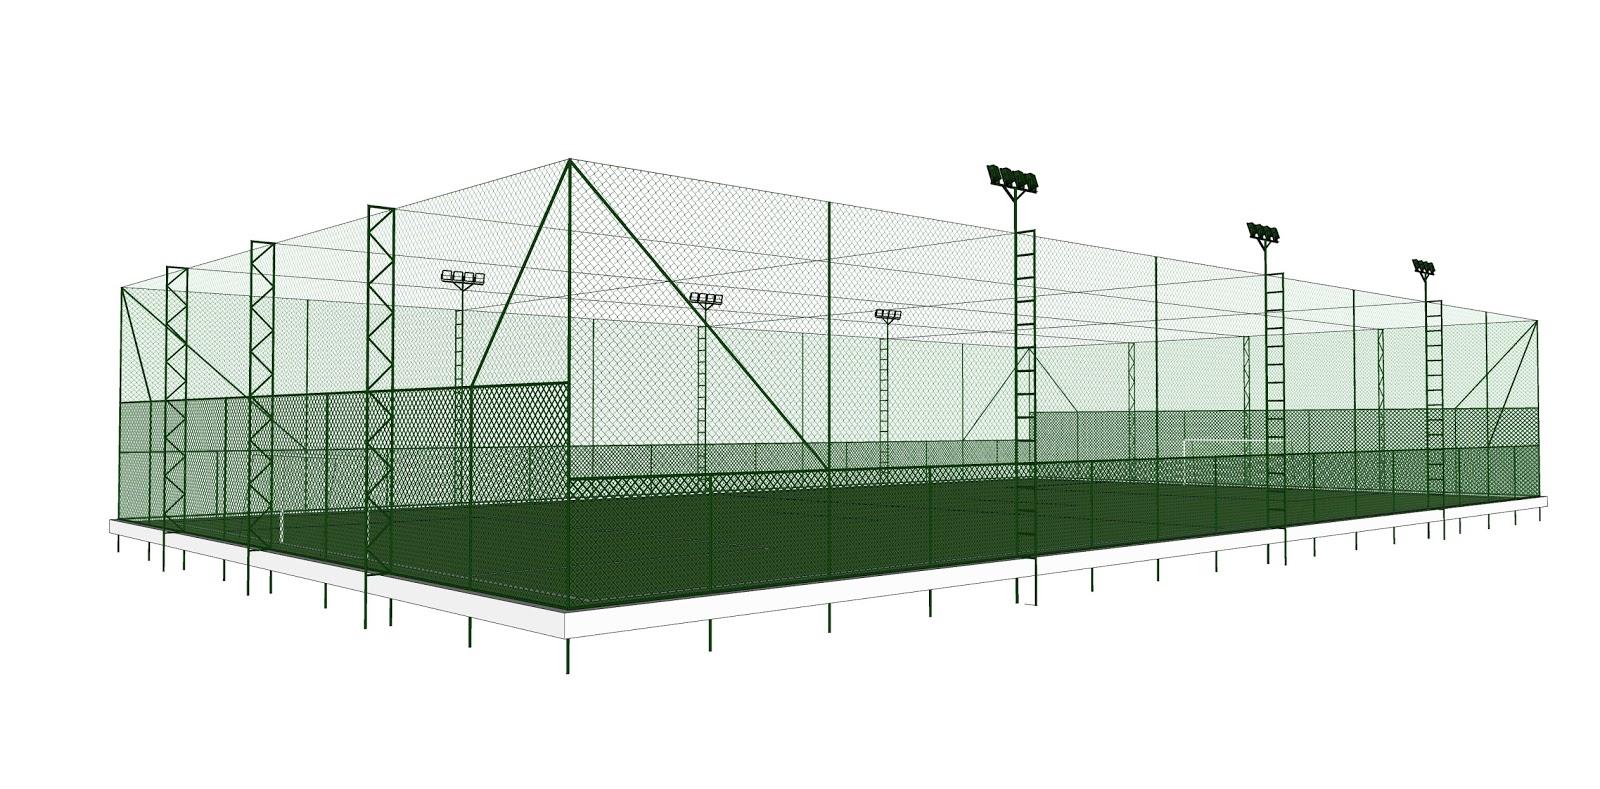 ... e tirantes em cabo de aço na cobertura para sustentar as redes de  cobertura. A estrutura disponível nas cores verde dbfa8ebc6c5c5